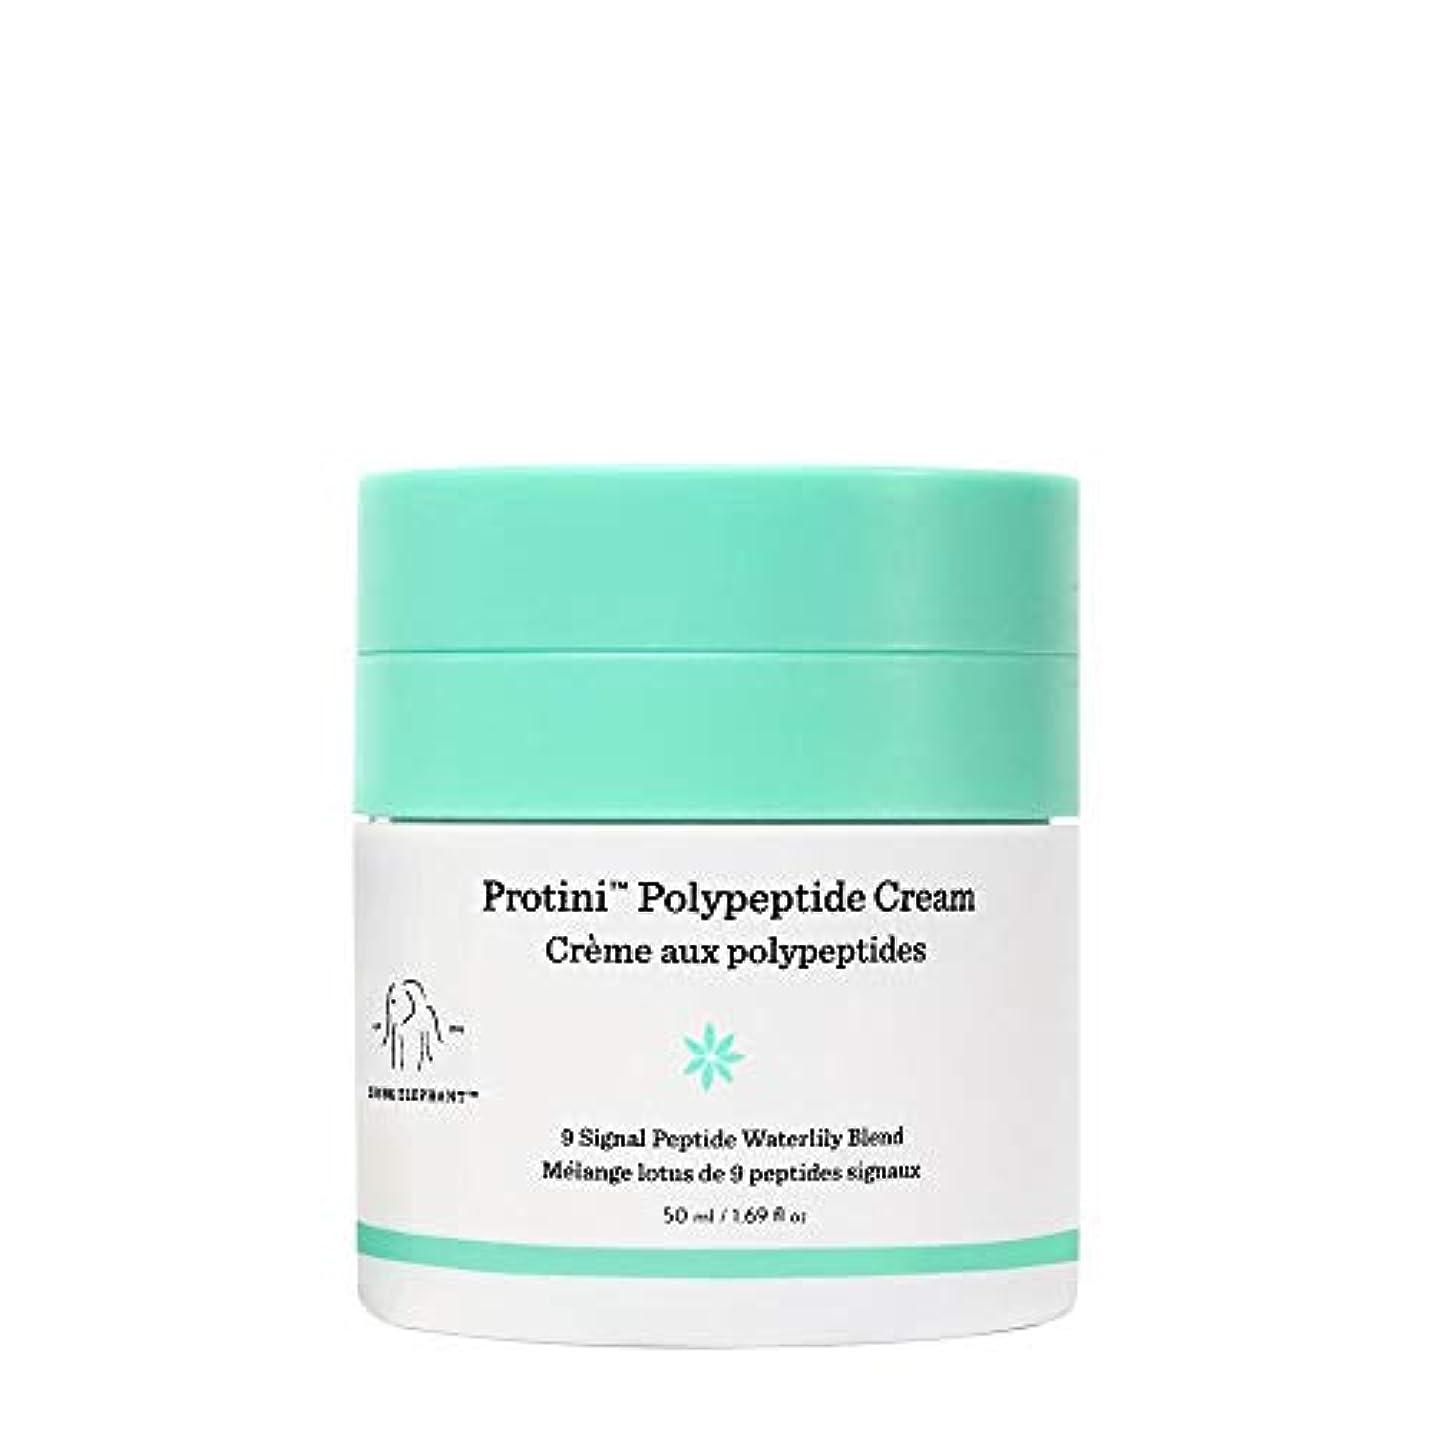 サミュエル雇う然としたDRUNK ELEPHANT Protini Polypeptide Cream 1.69 oz/ 50 ml ドランクエレファント プロティーニ ポリペプタイド クリーム 1.69 oz/ 50 ml